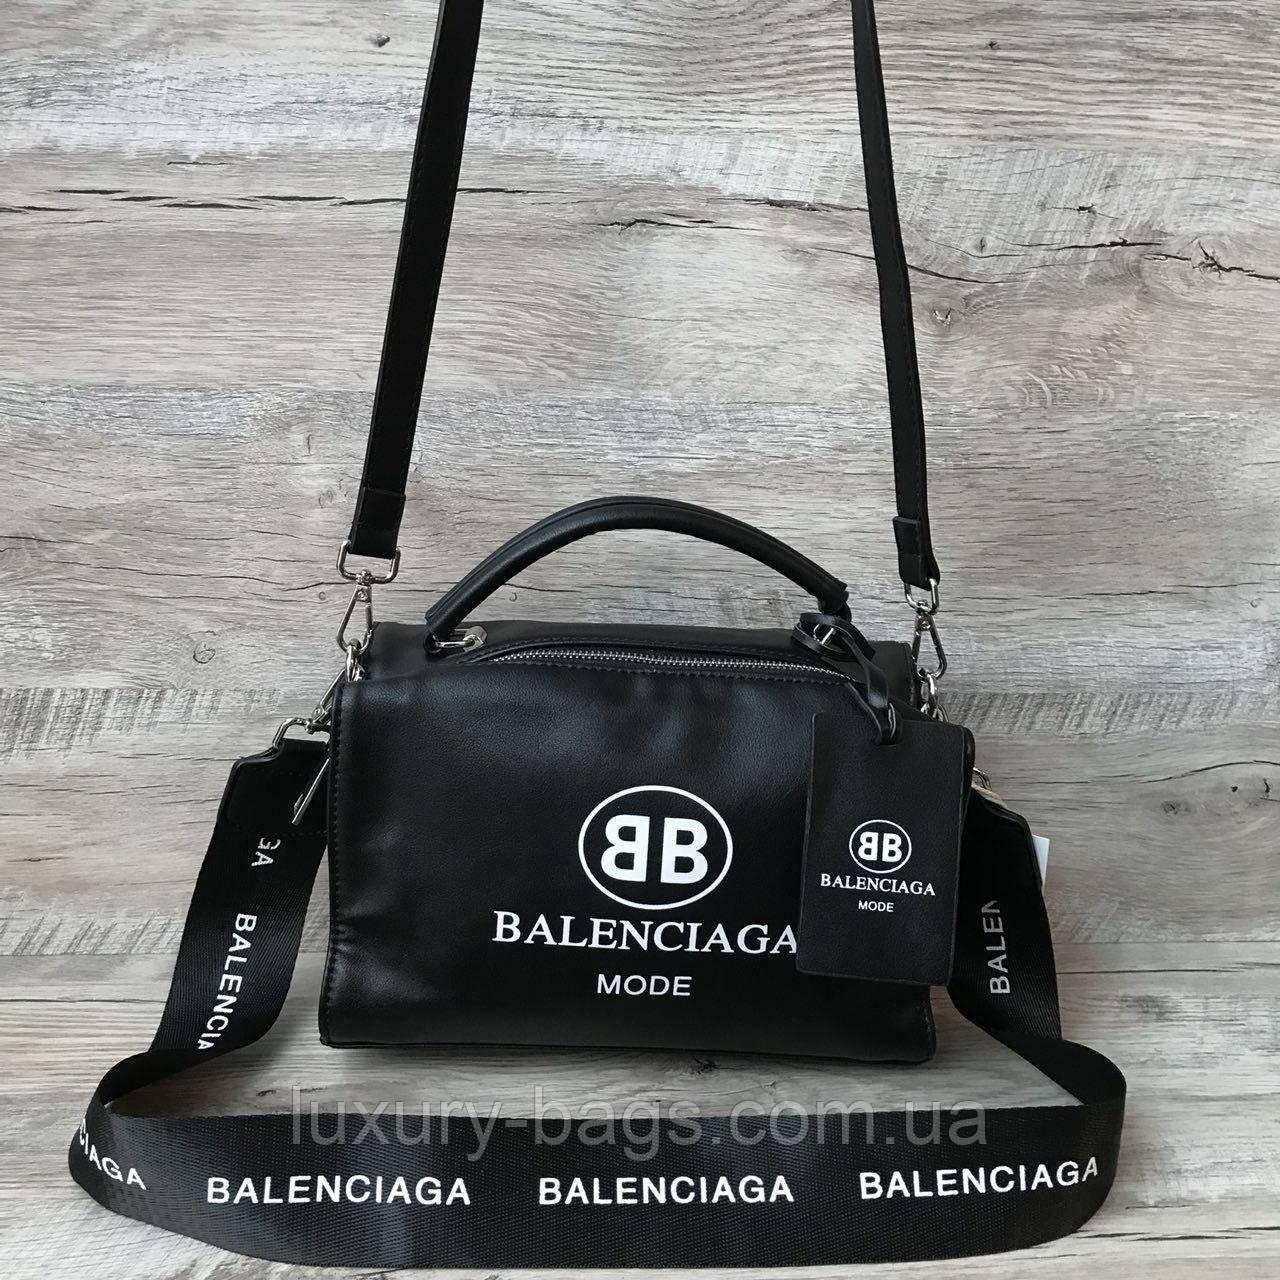 Жіноча модна сумка Balenciaga Баленсіага